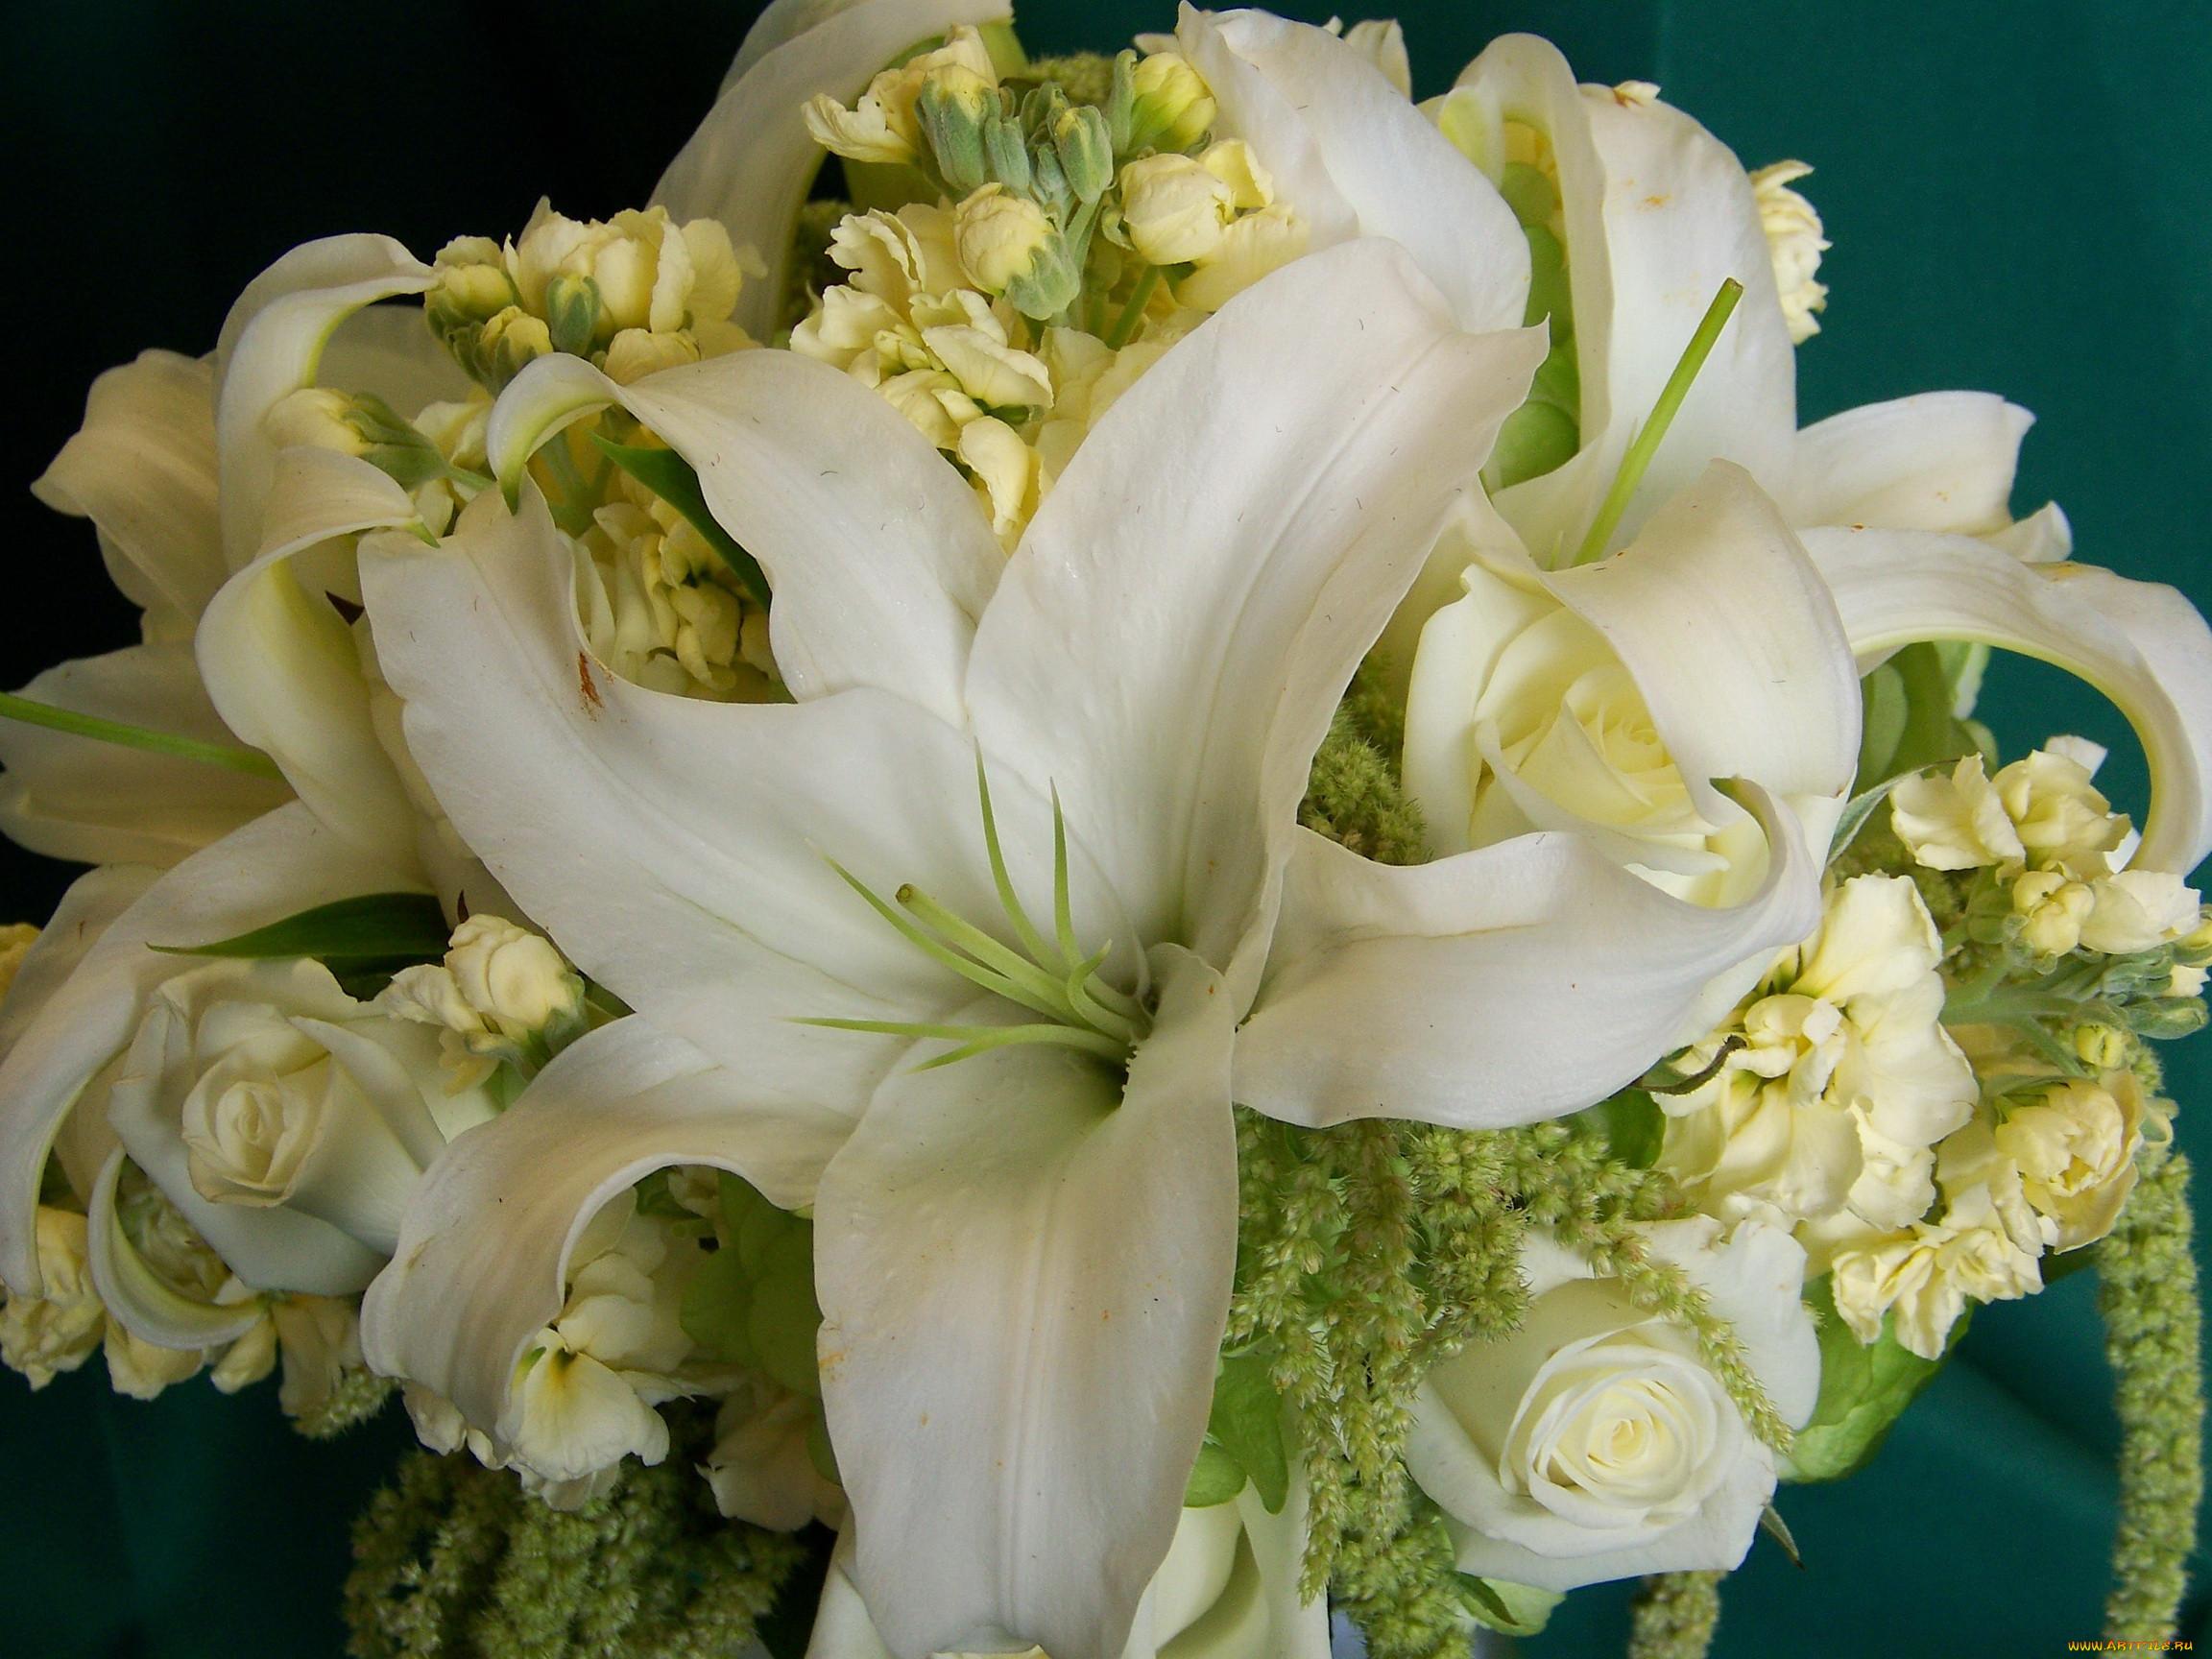 детали цветы лилии огромный букет картинки каталоге представлены предложения